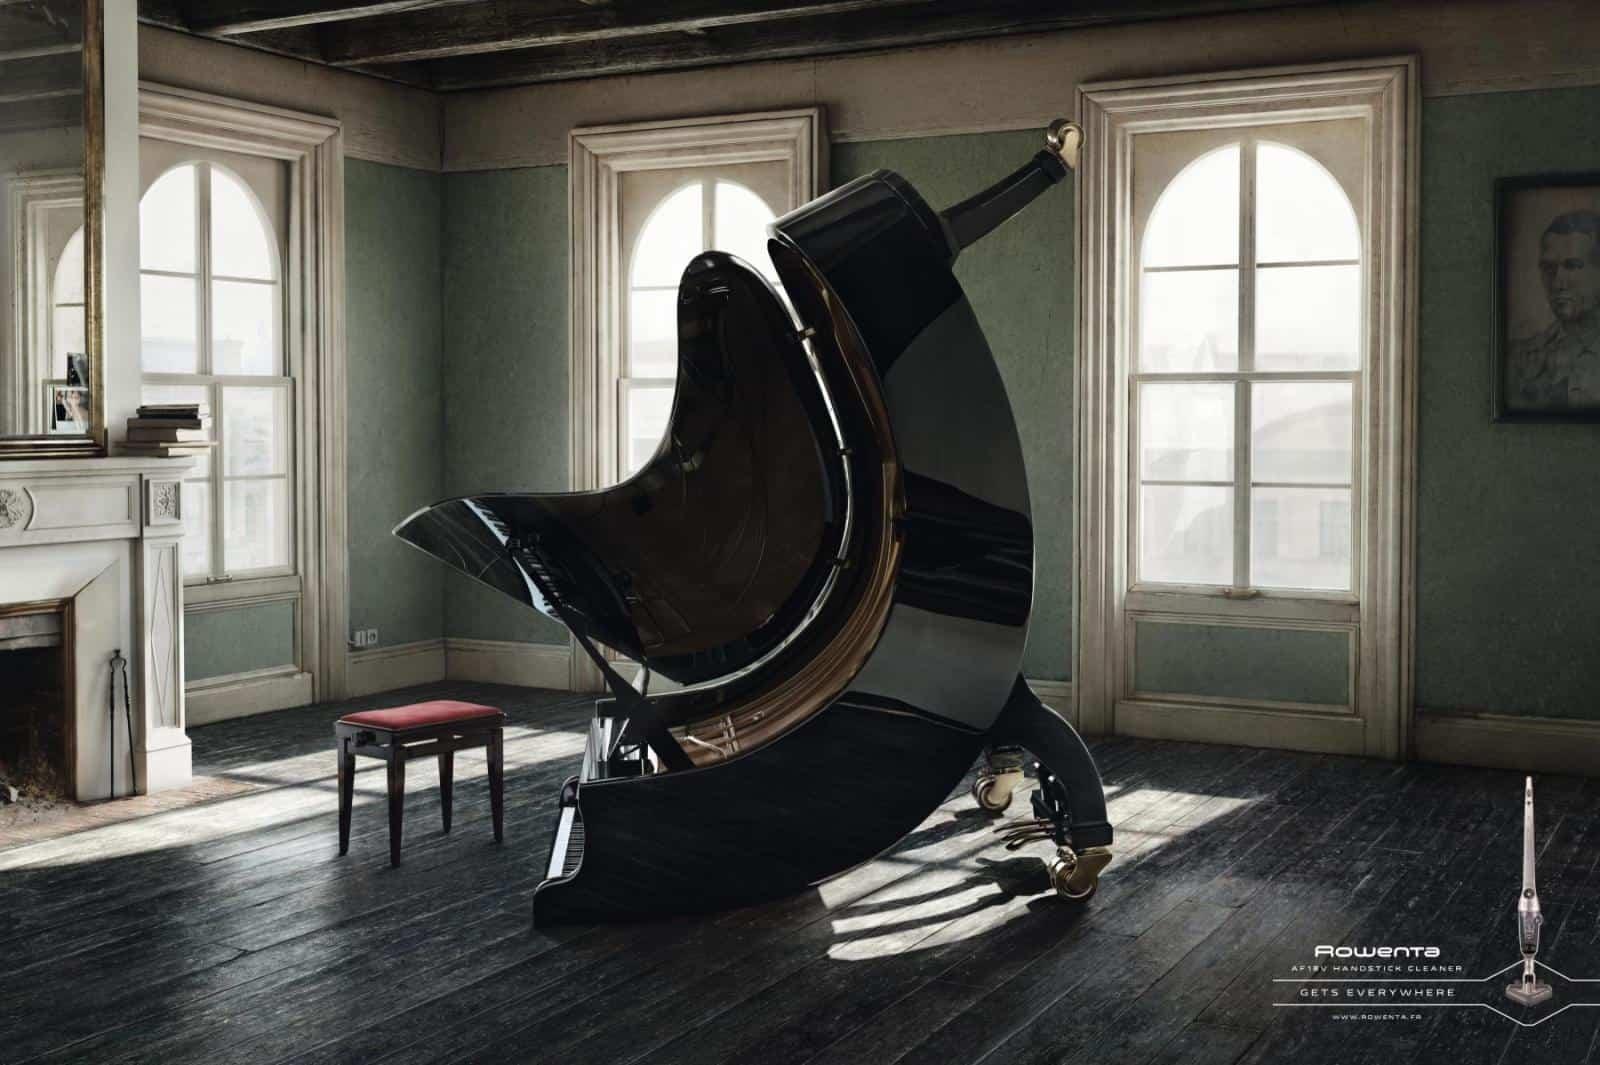 Pub Rowenta Piano